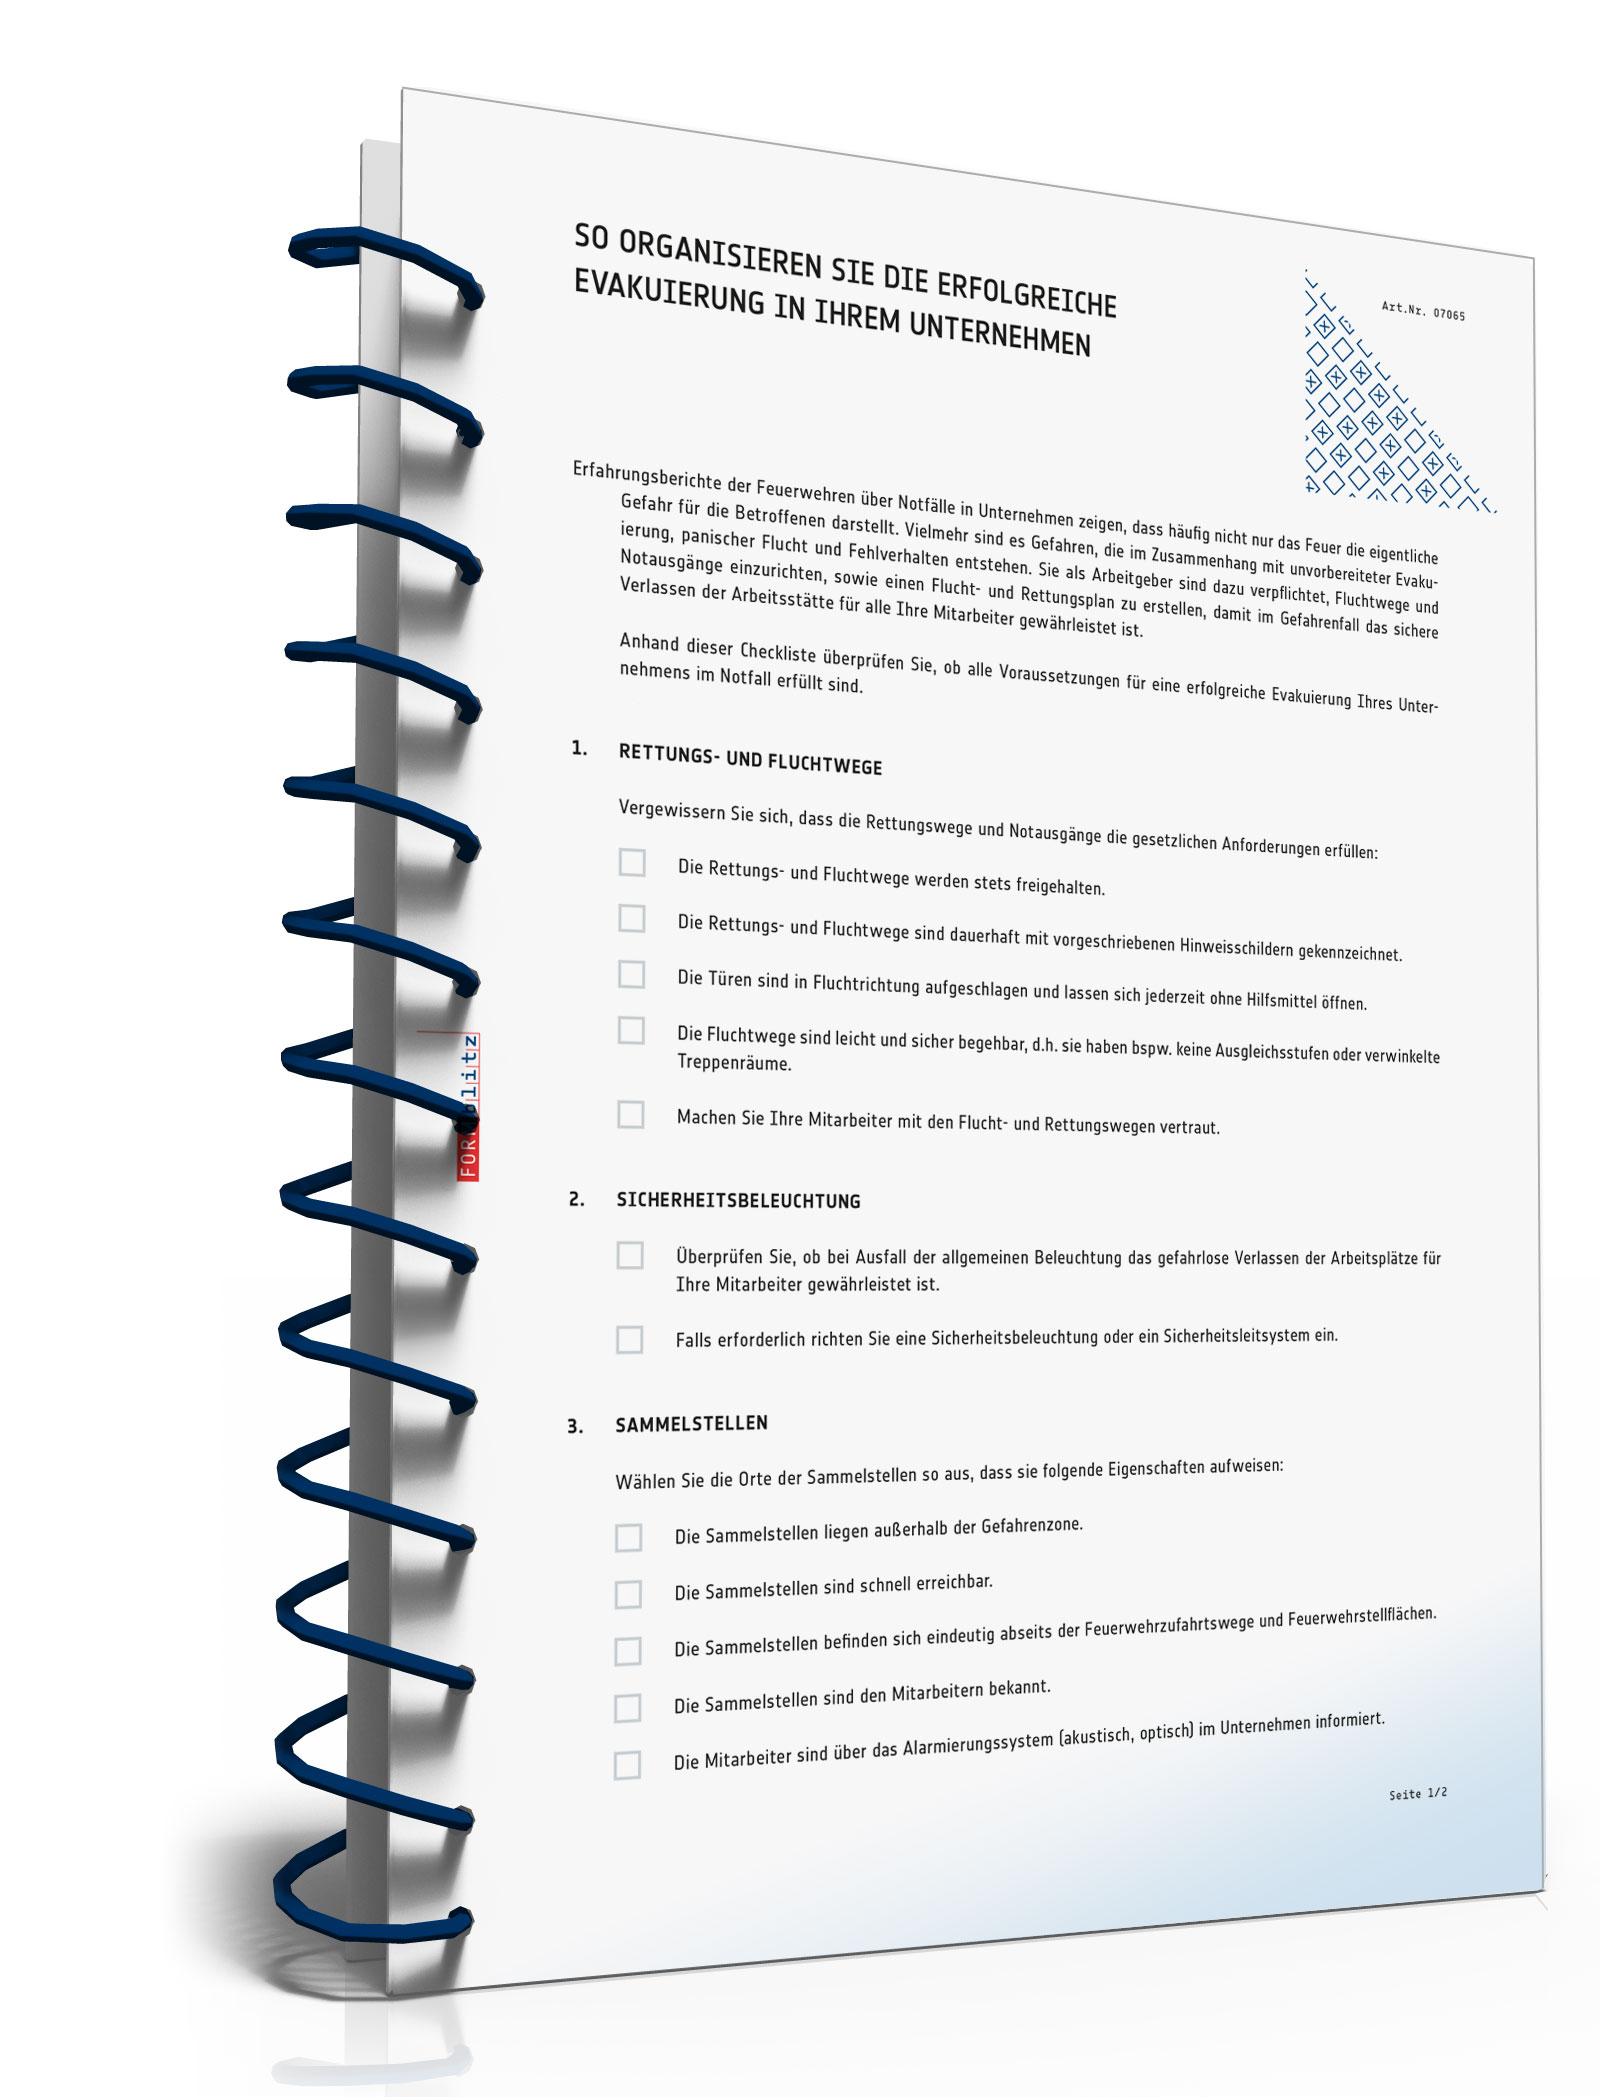 Checkliste Evakuierung Unternehmen  [PDF Download] (Unternehmen Legal Software)